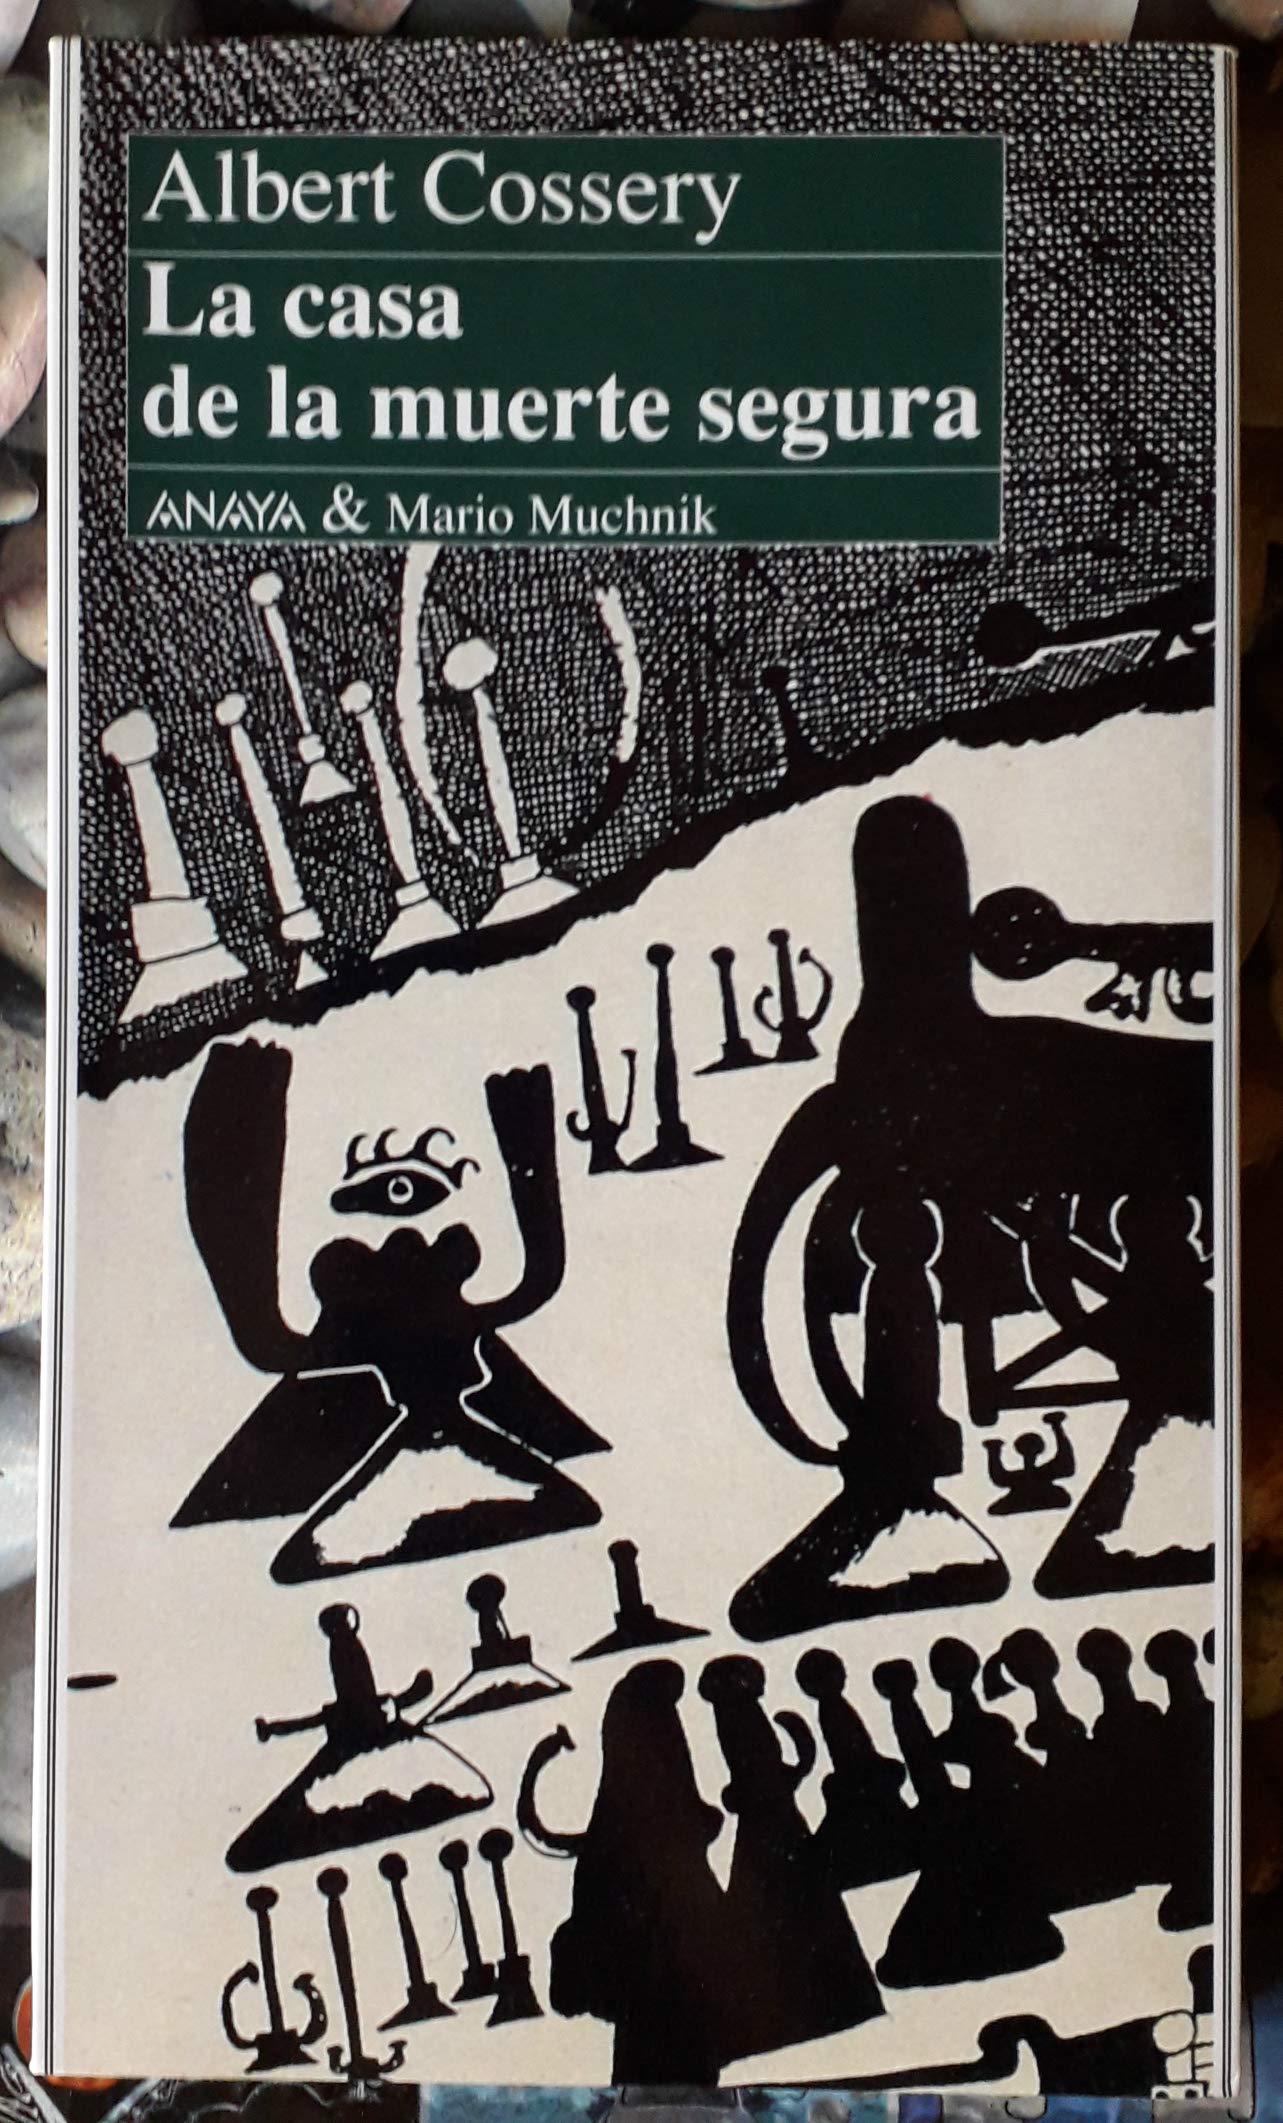 La casa de la muerte Segura: Amazon.es: Albert Cossery: Libros